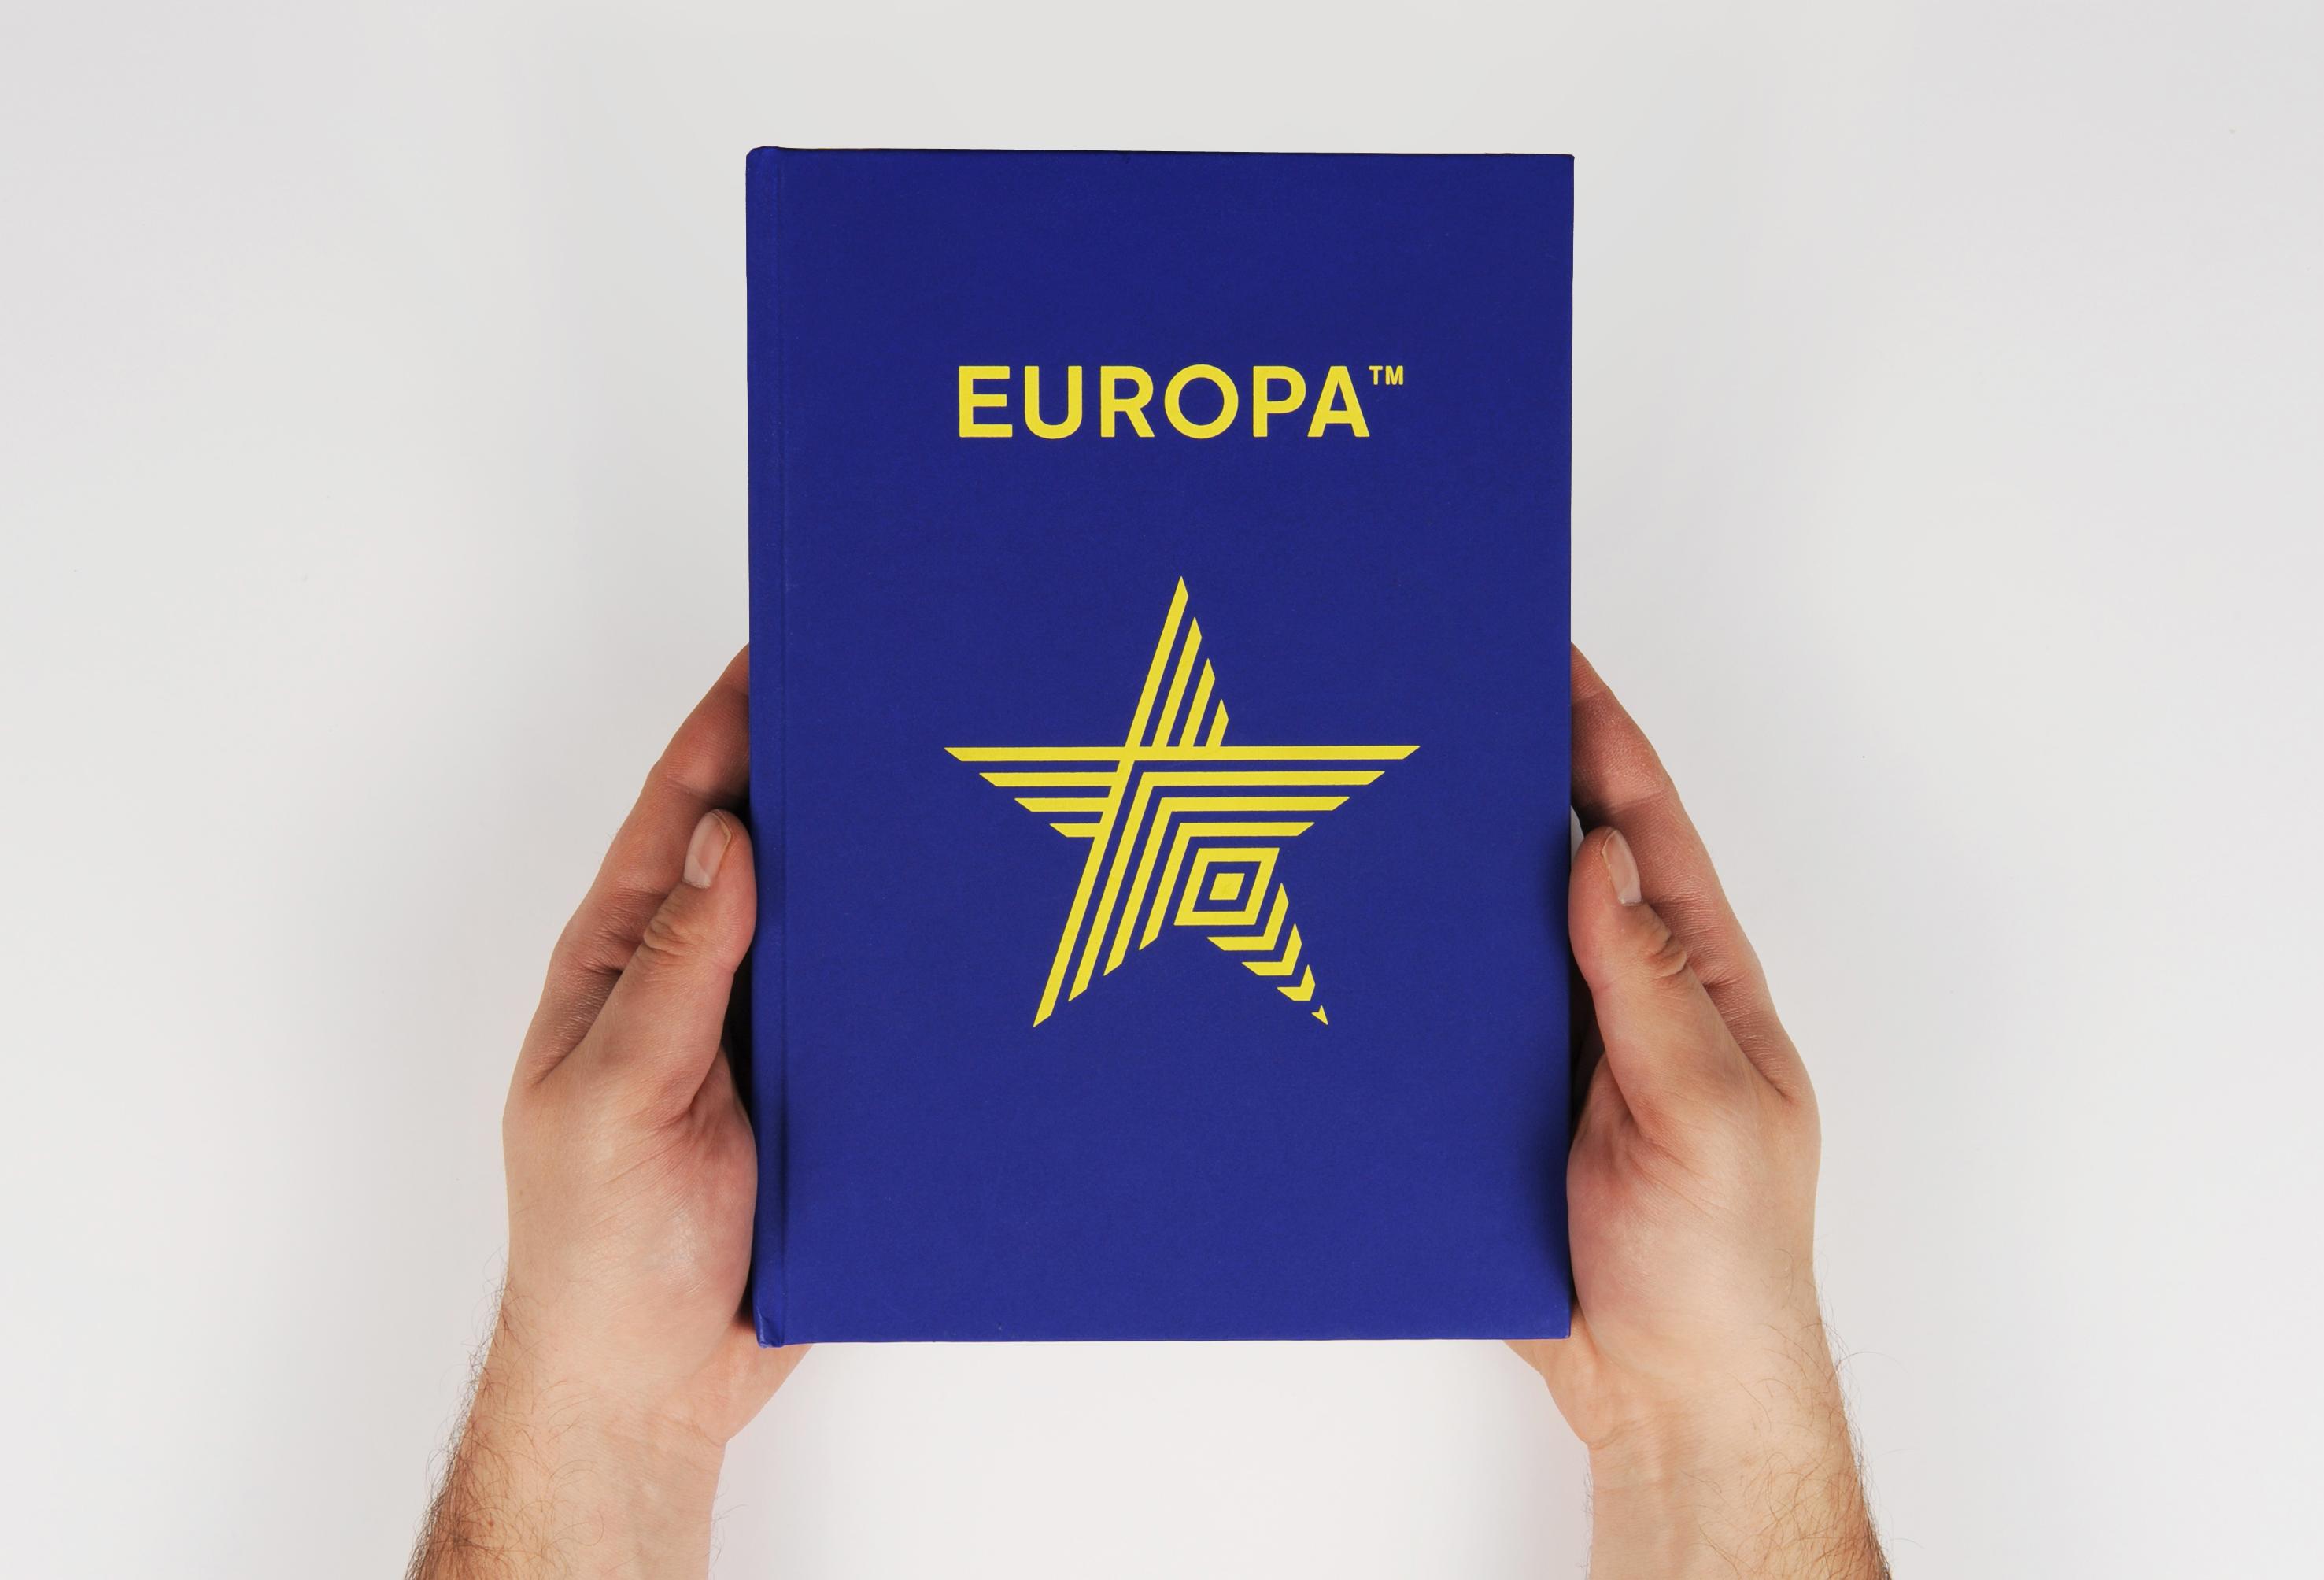 europa_katalog_01